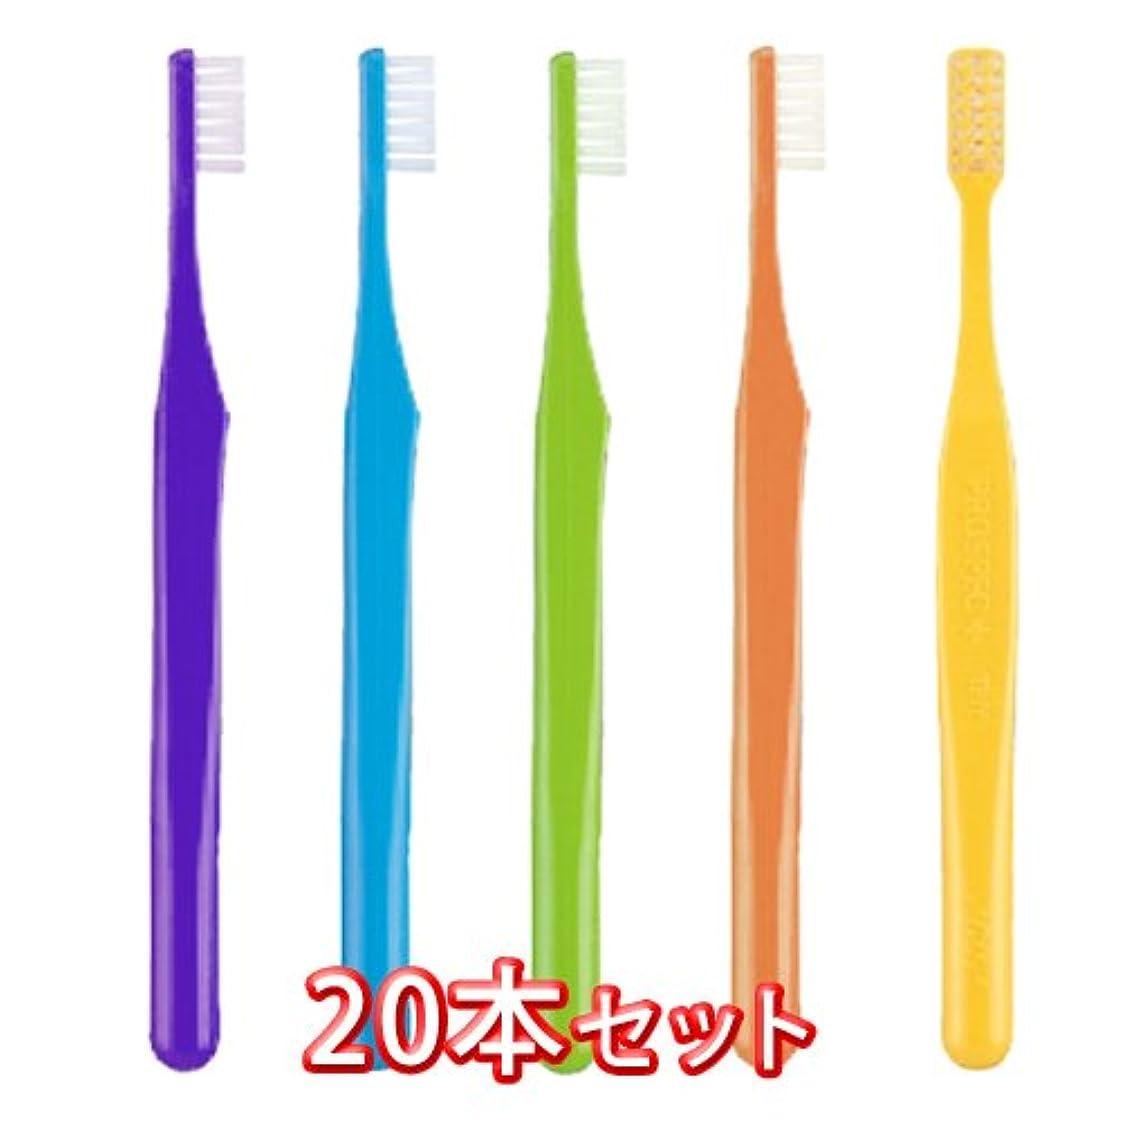 質量狼スクラッププロスペック プラス 歯ブラシ 20本入 タイニー